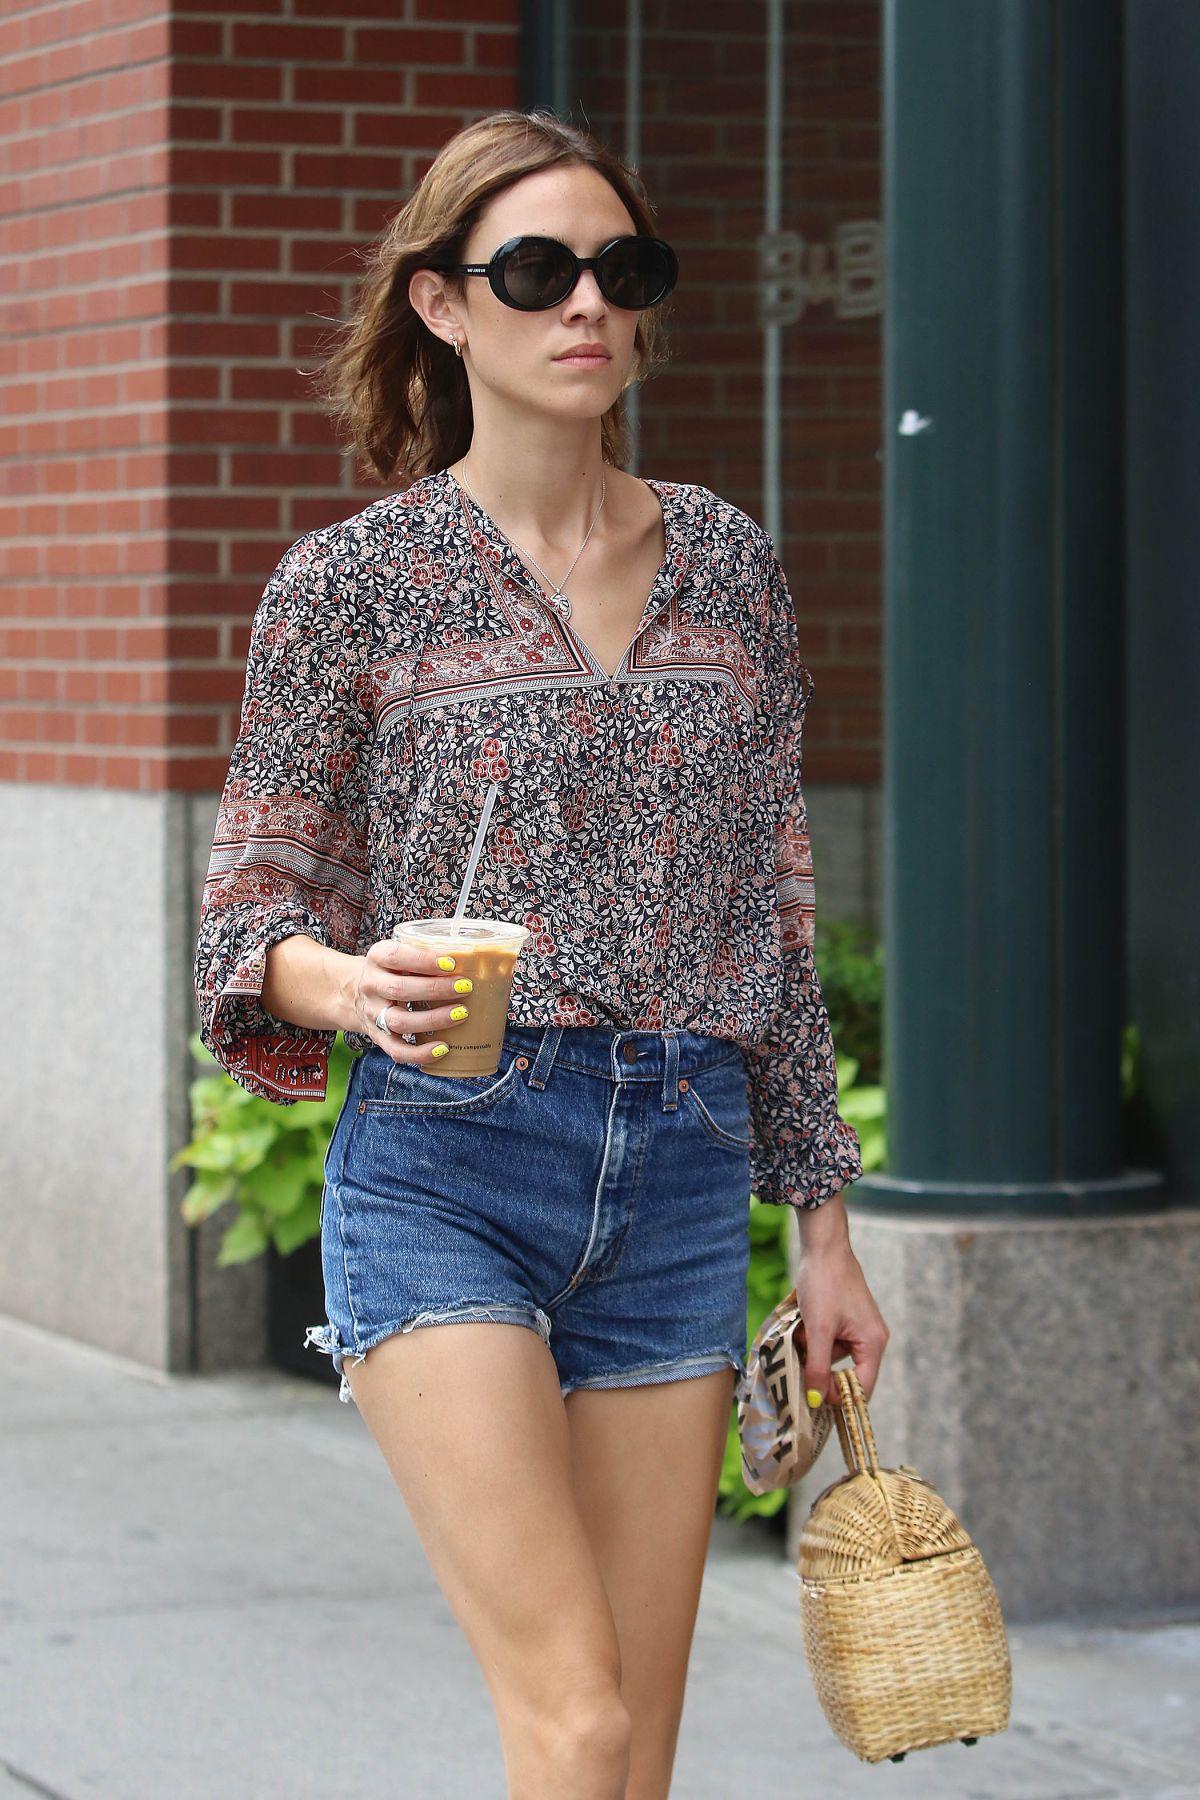 ALEXA CHUN in Denim Shorts Out in New York 07/15/2016